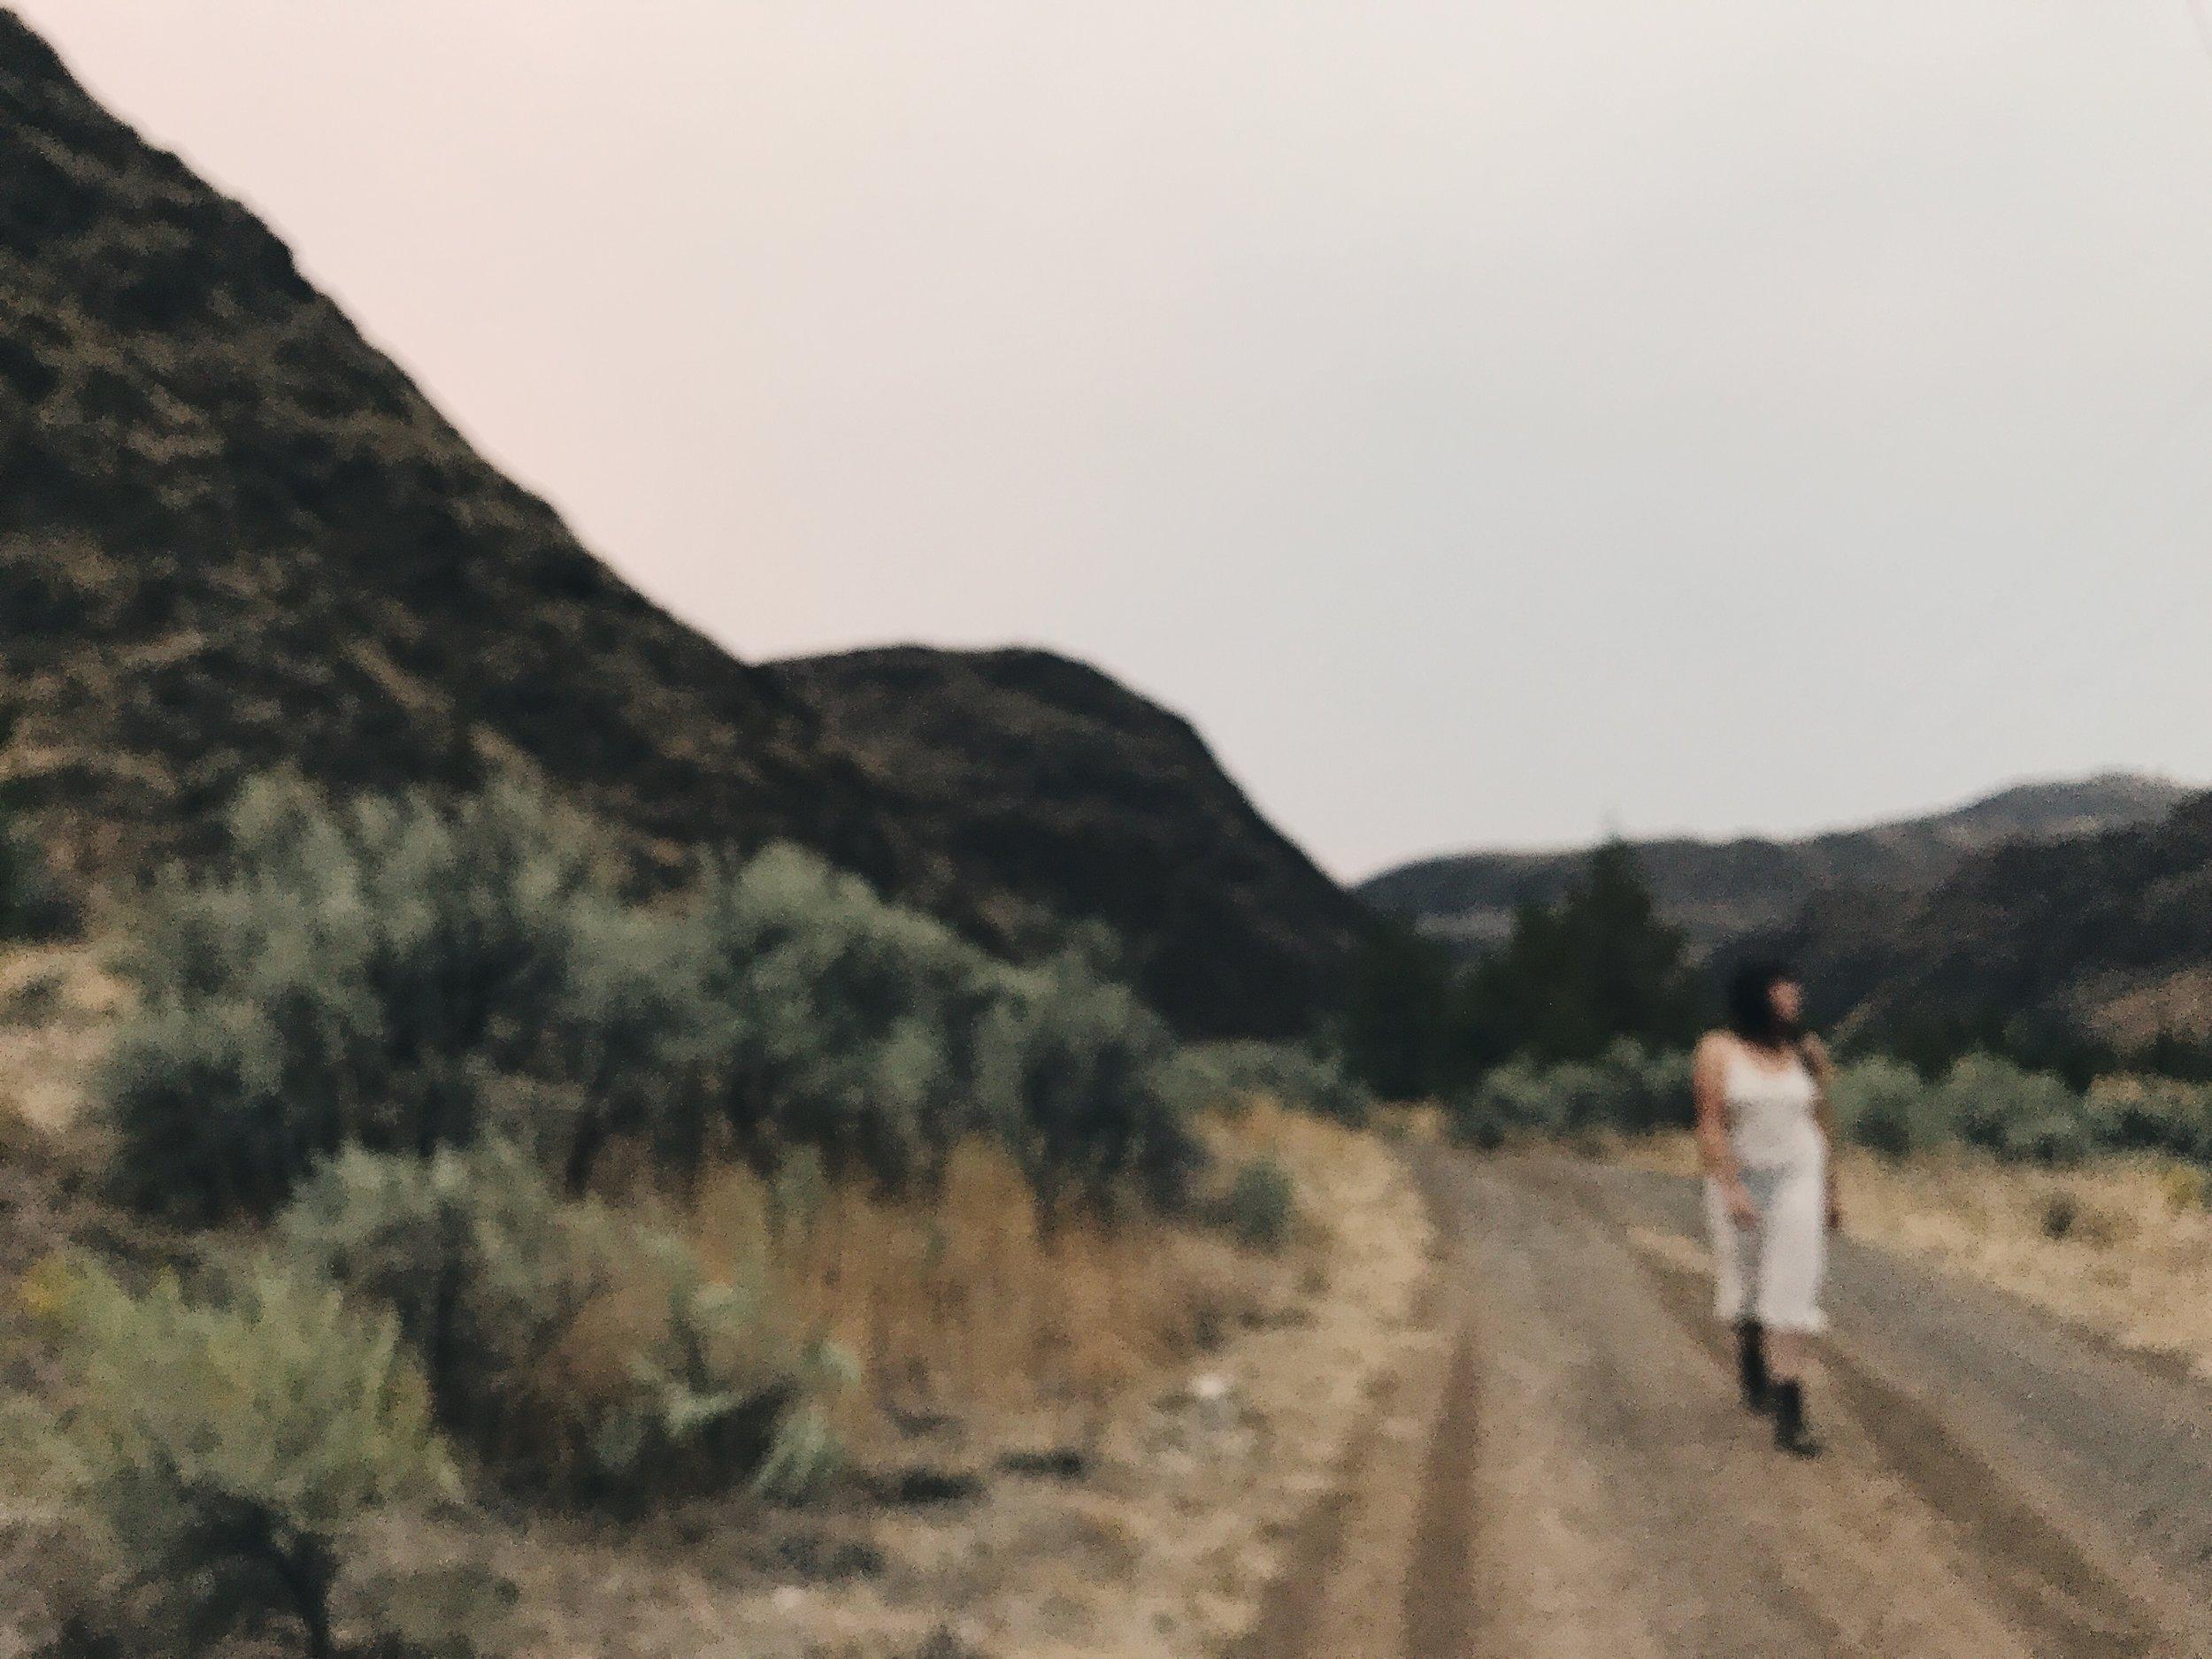 Montana Merida in the desert in Central Oregon- September 2017